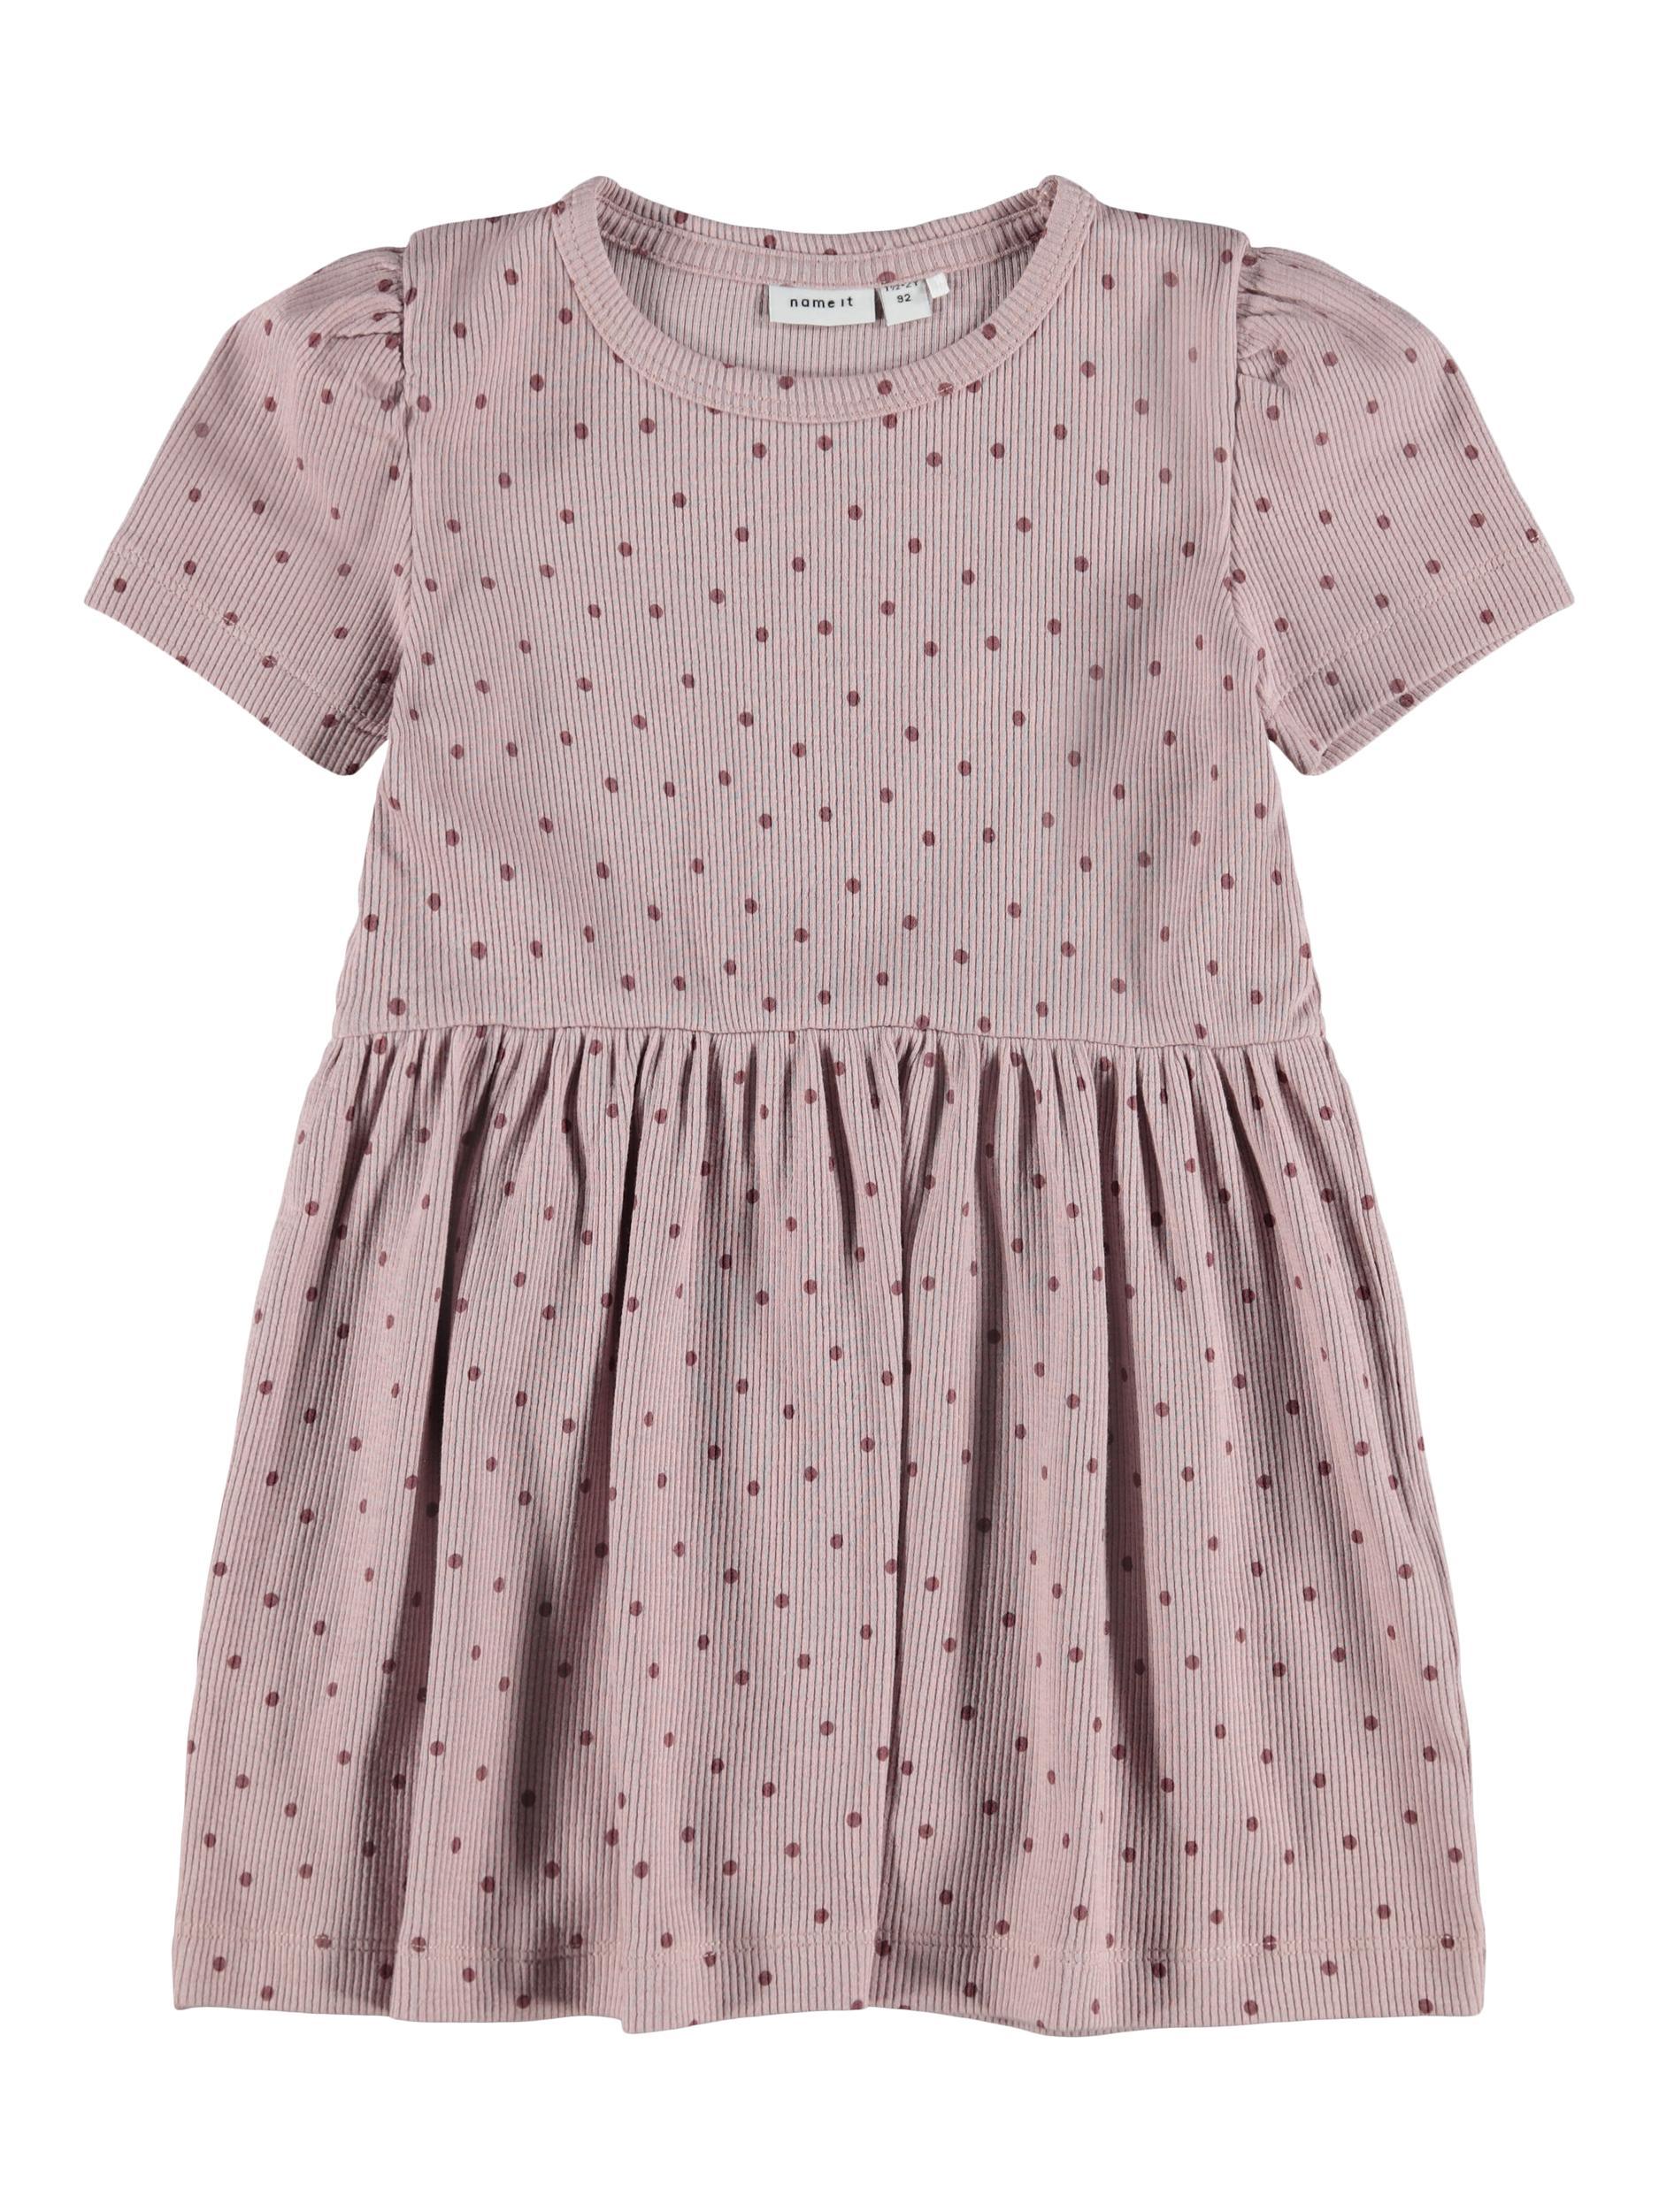 Name It Fjille SS kjole, deauville mauve, 110